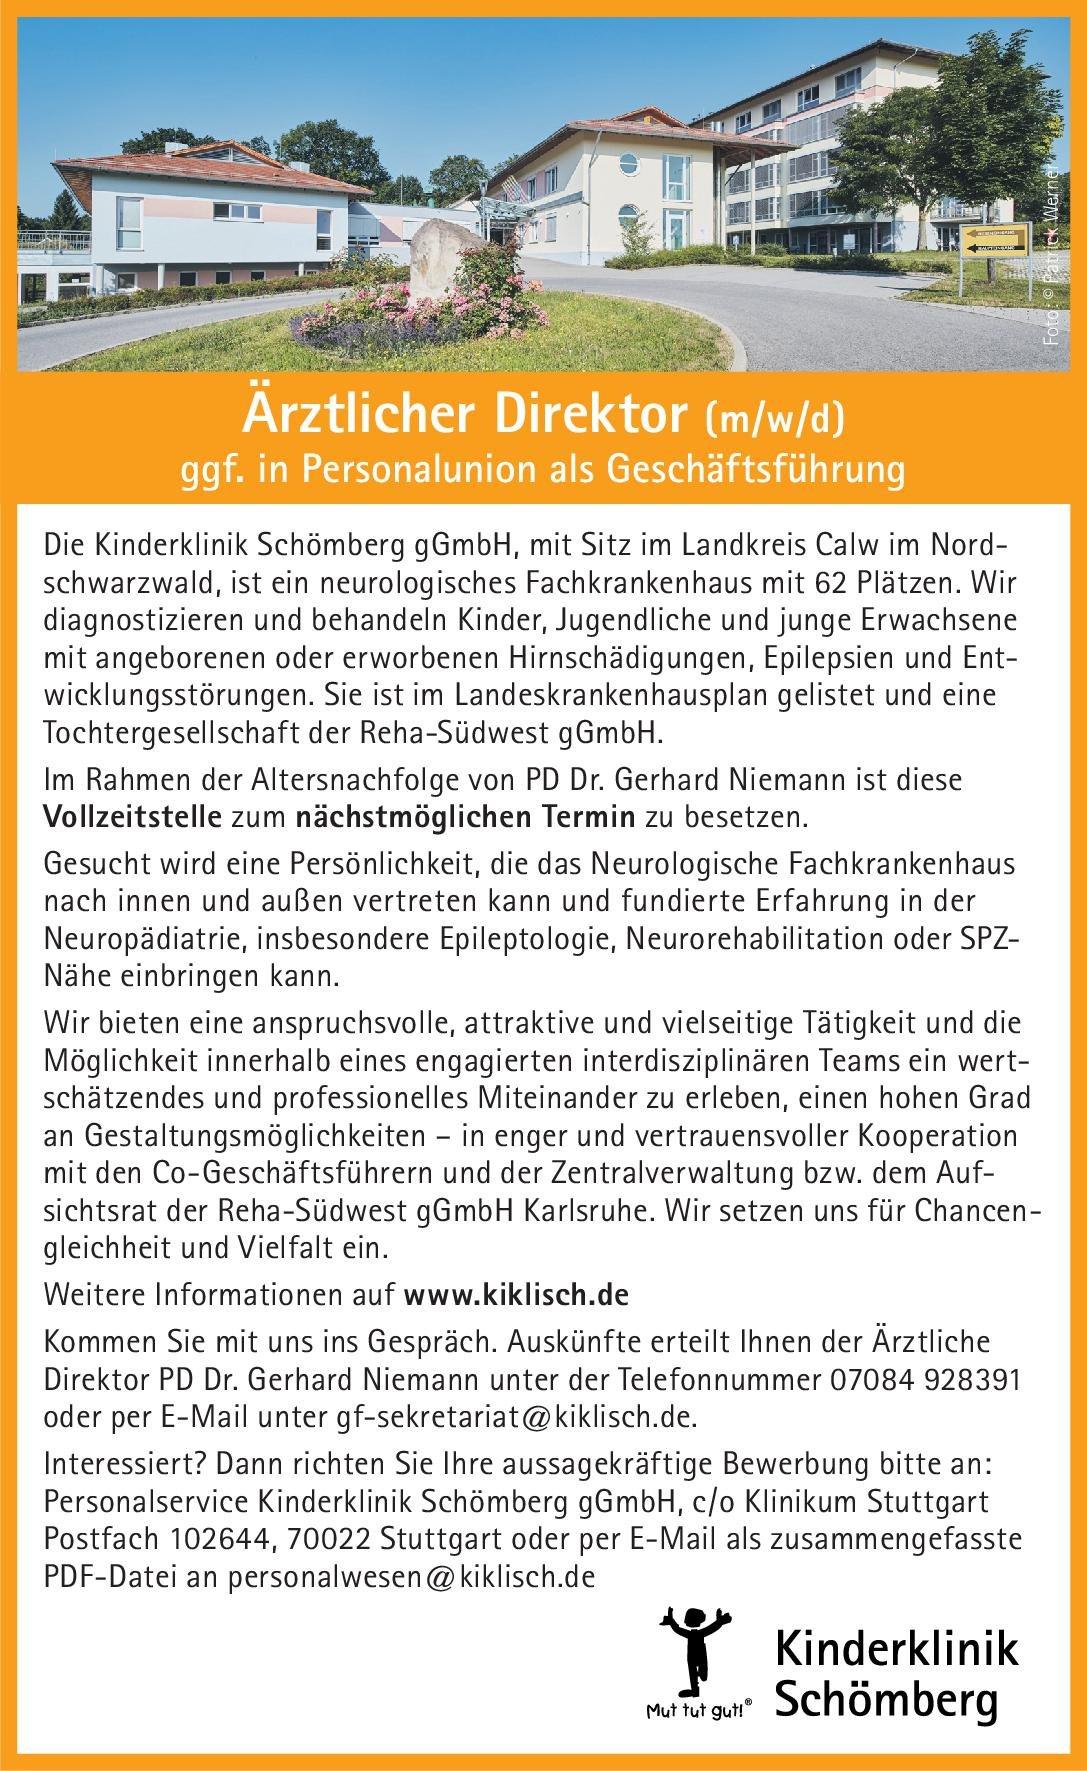 Kinderklinik Schömberg gGmbH Ärztlicher Direktor (m/w/d) ggf. in Personalunion als Geschäftsführung  Neuropädiatrie, Kinder- und Jugendmedizin, Neurologie Ärztl. Geschäftsführer / Direktor